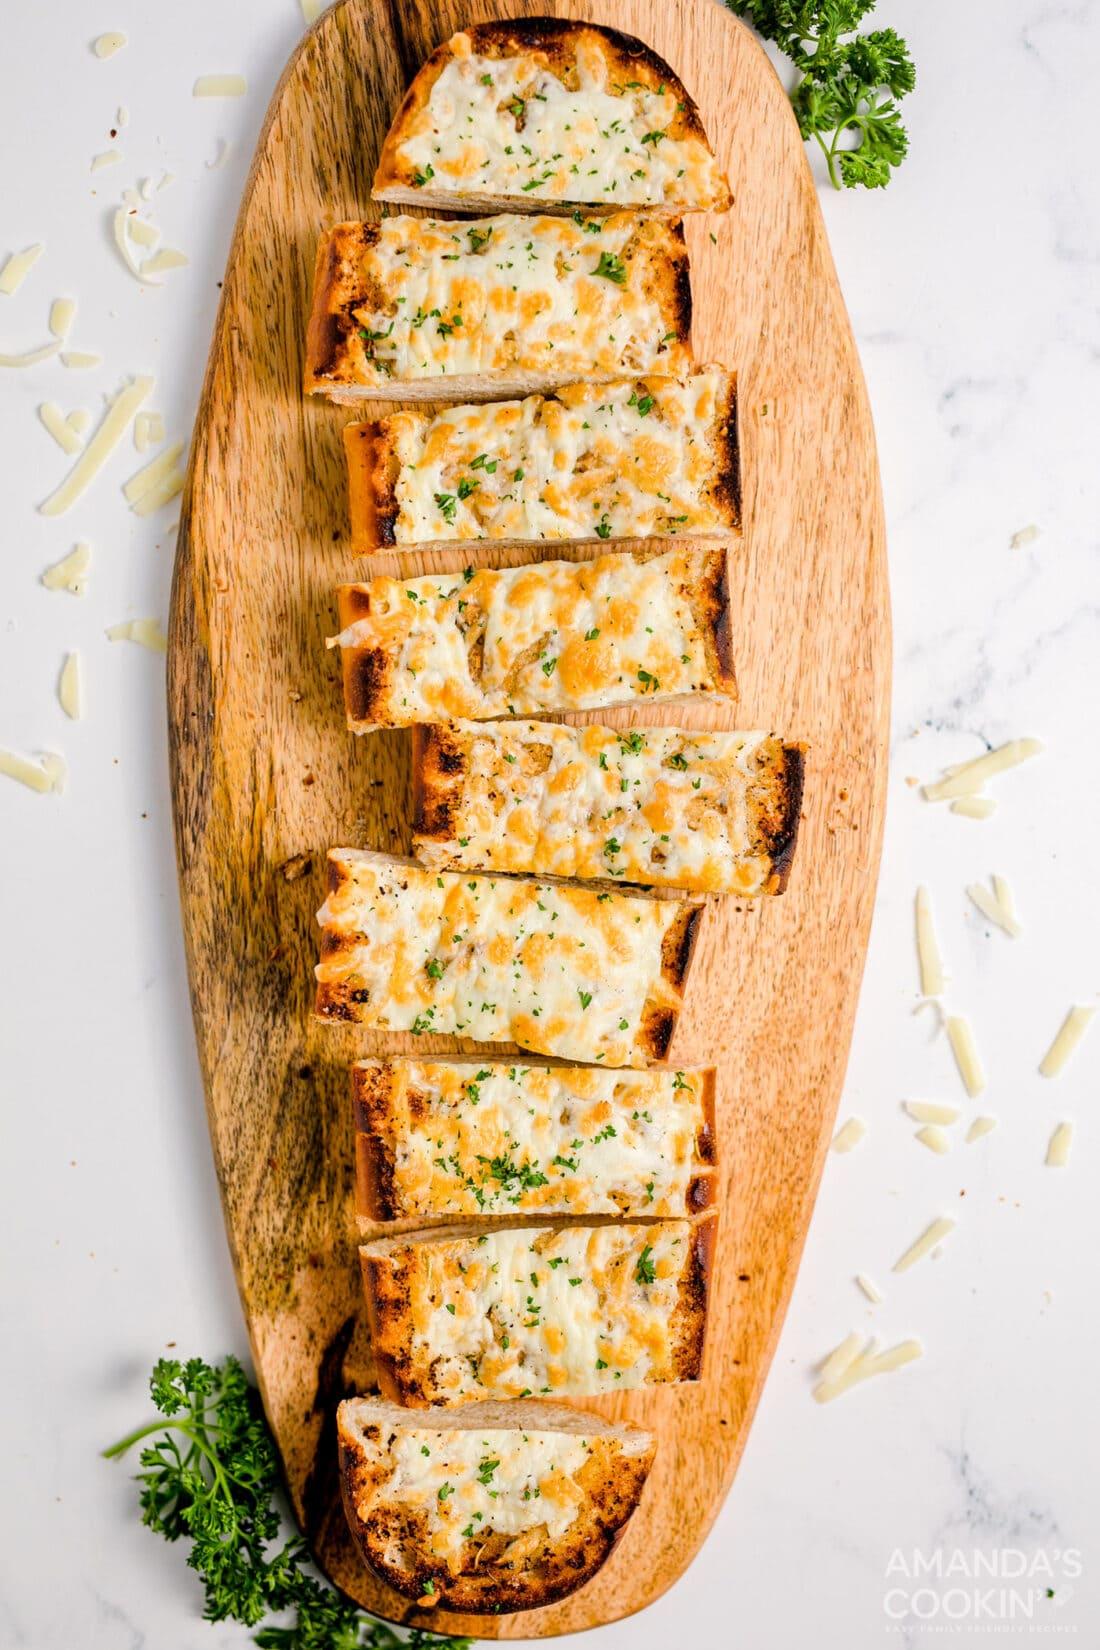 sliced Cheesy Garlic Bread on a cutting board